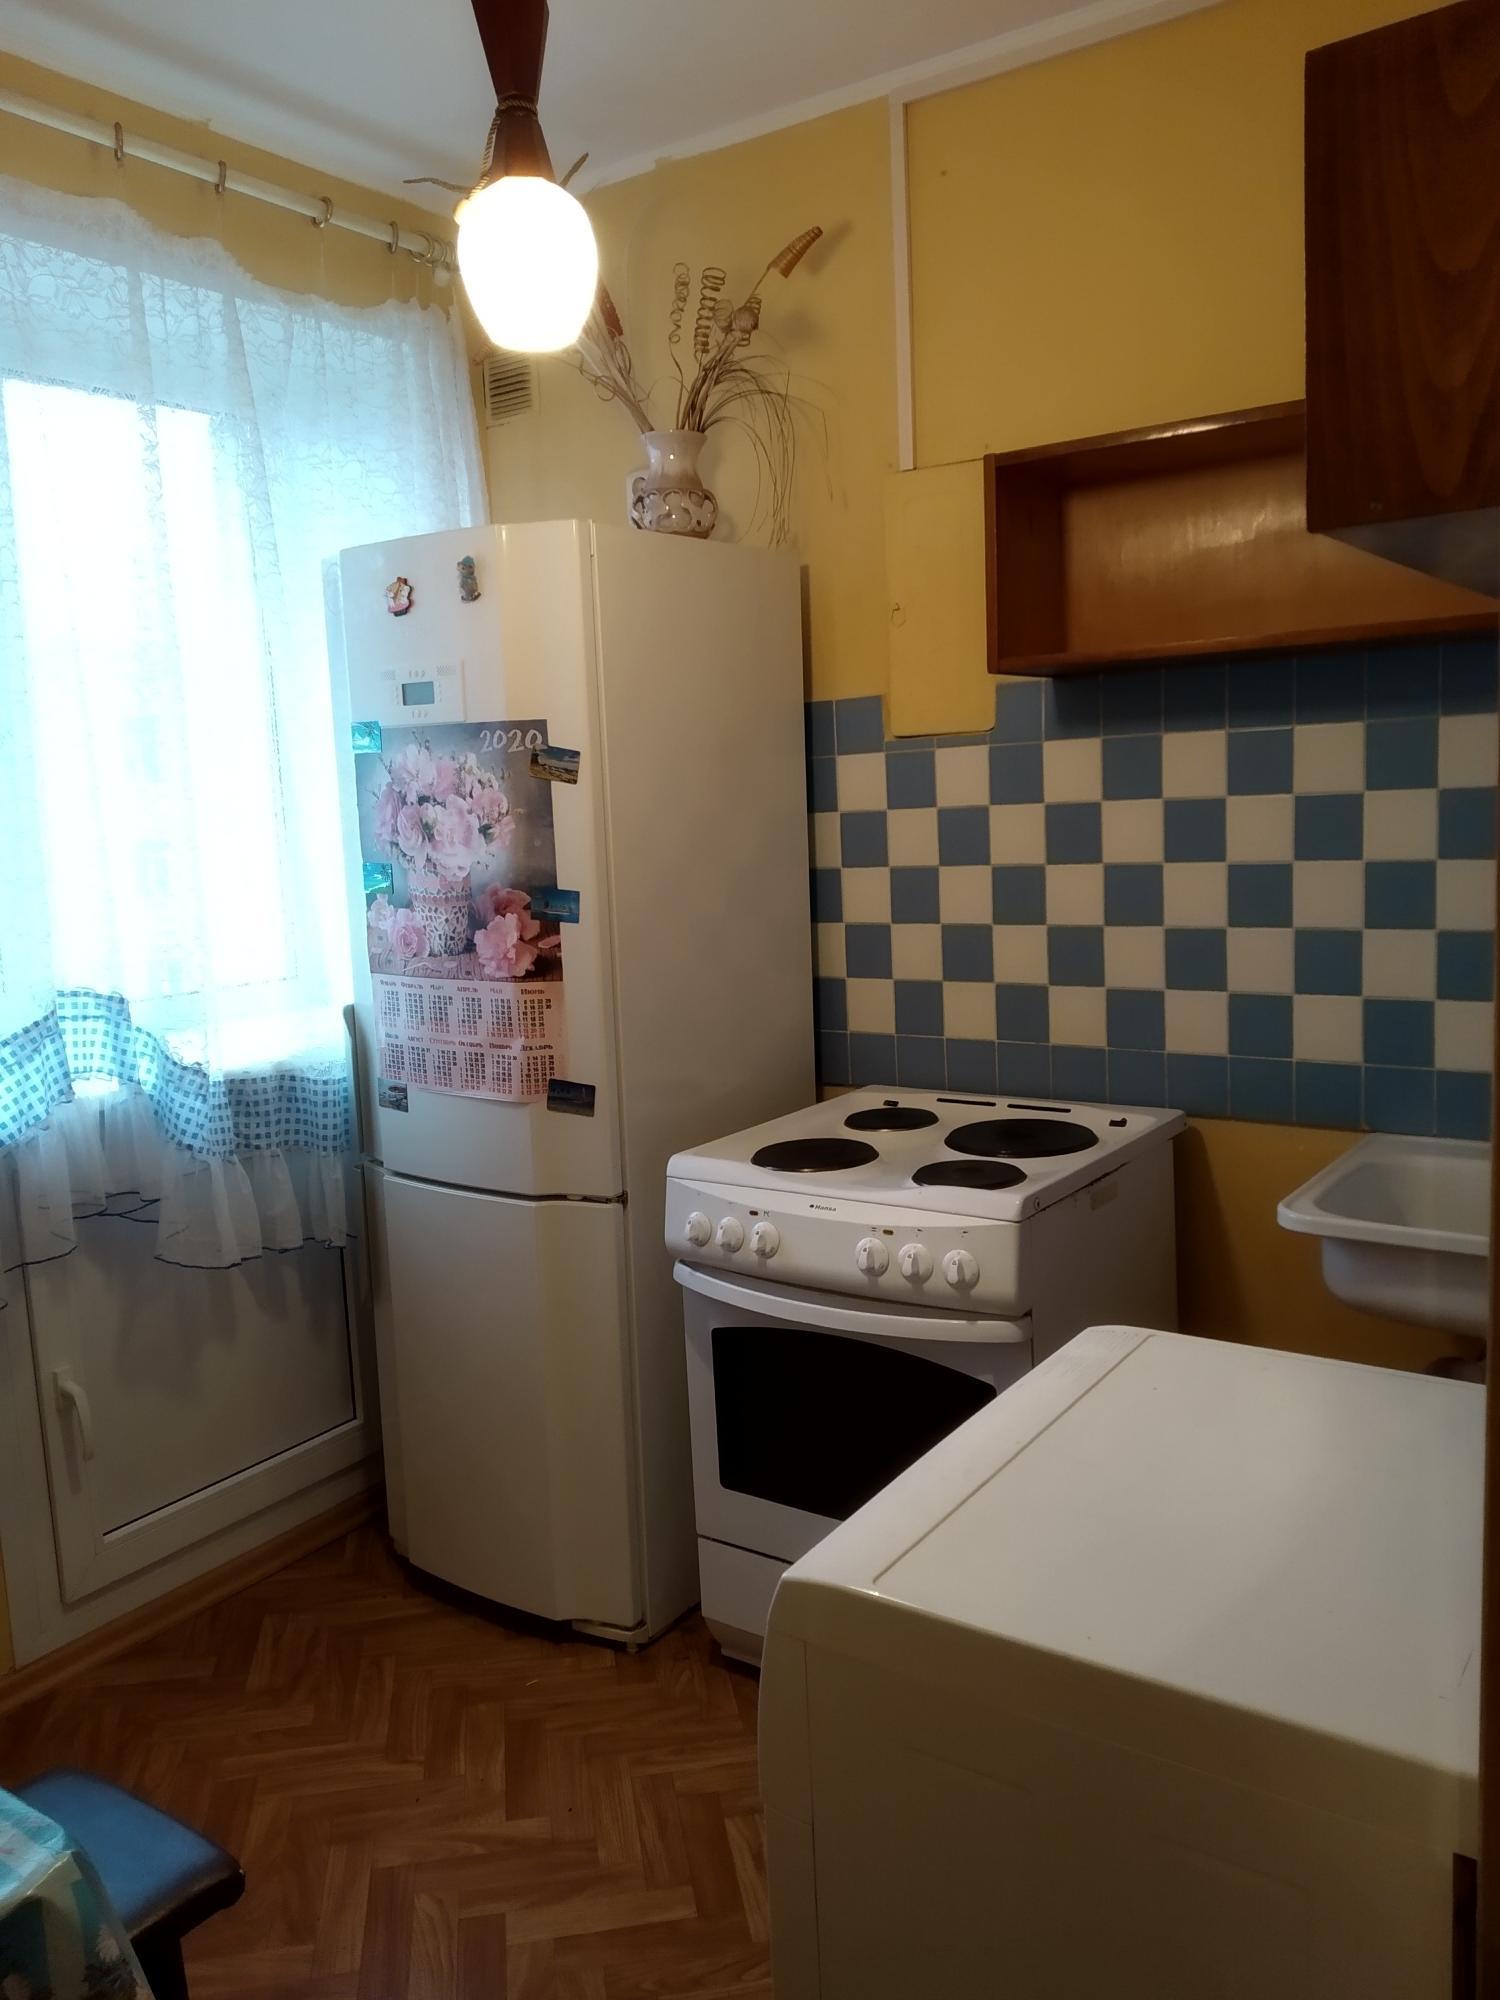 1к квартира проспект Мира, 111 | 13500 | аренда в Красноярске фото 7